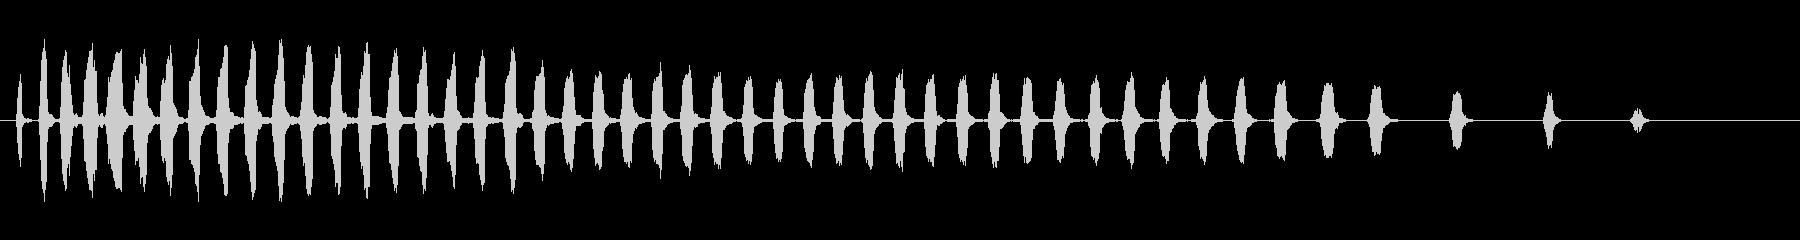 セミ ひぐらし カナカナカナ 単体_1の未再生の波形